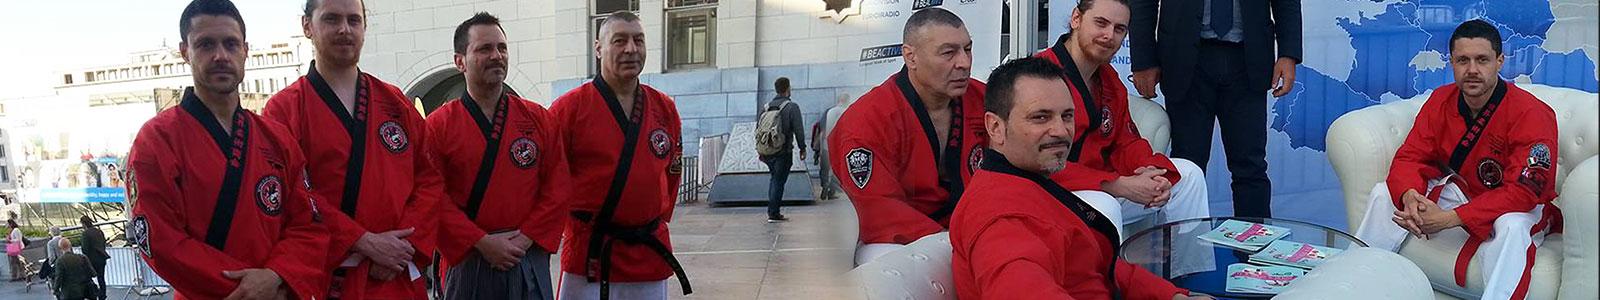 SLIDE-6-Wjjc-ju-Jitsu-World-Ju-Jitsu-corporation